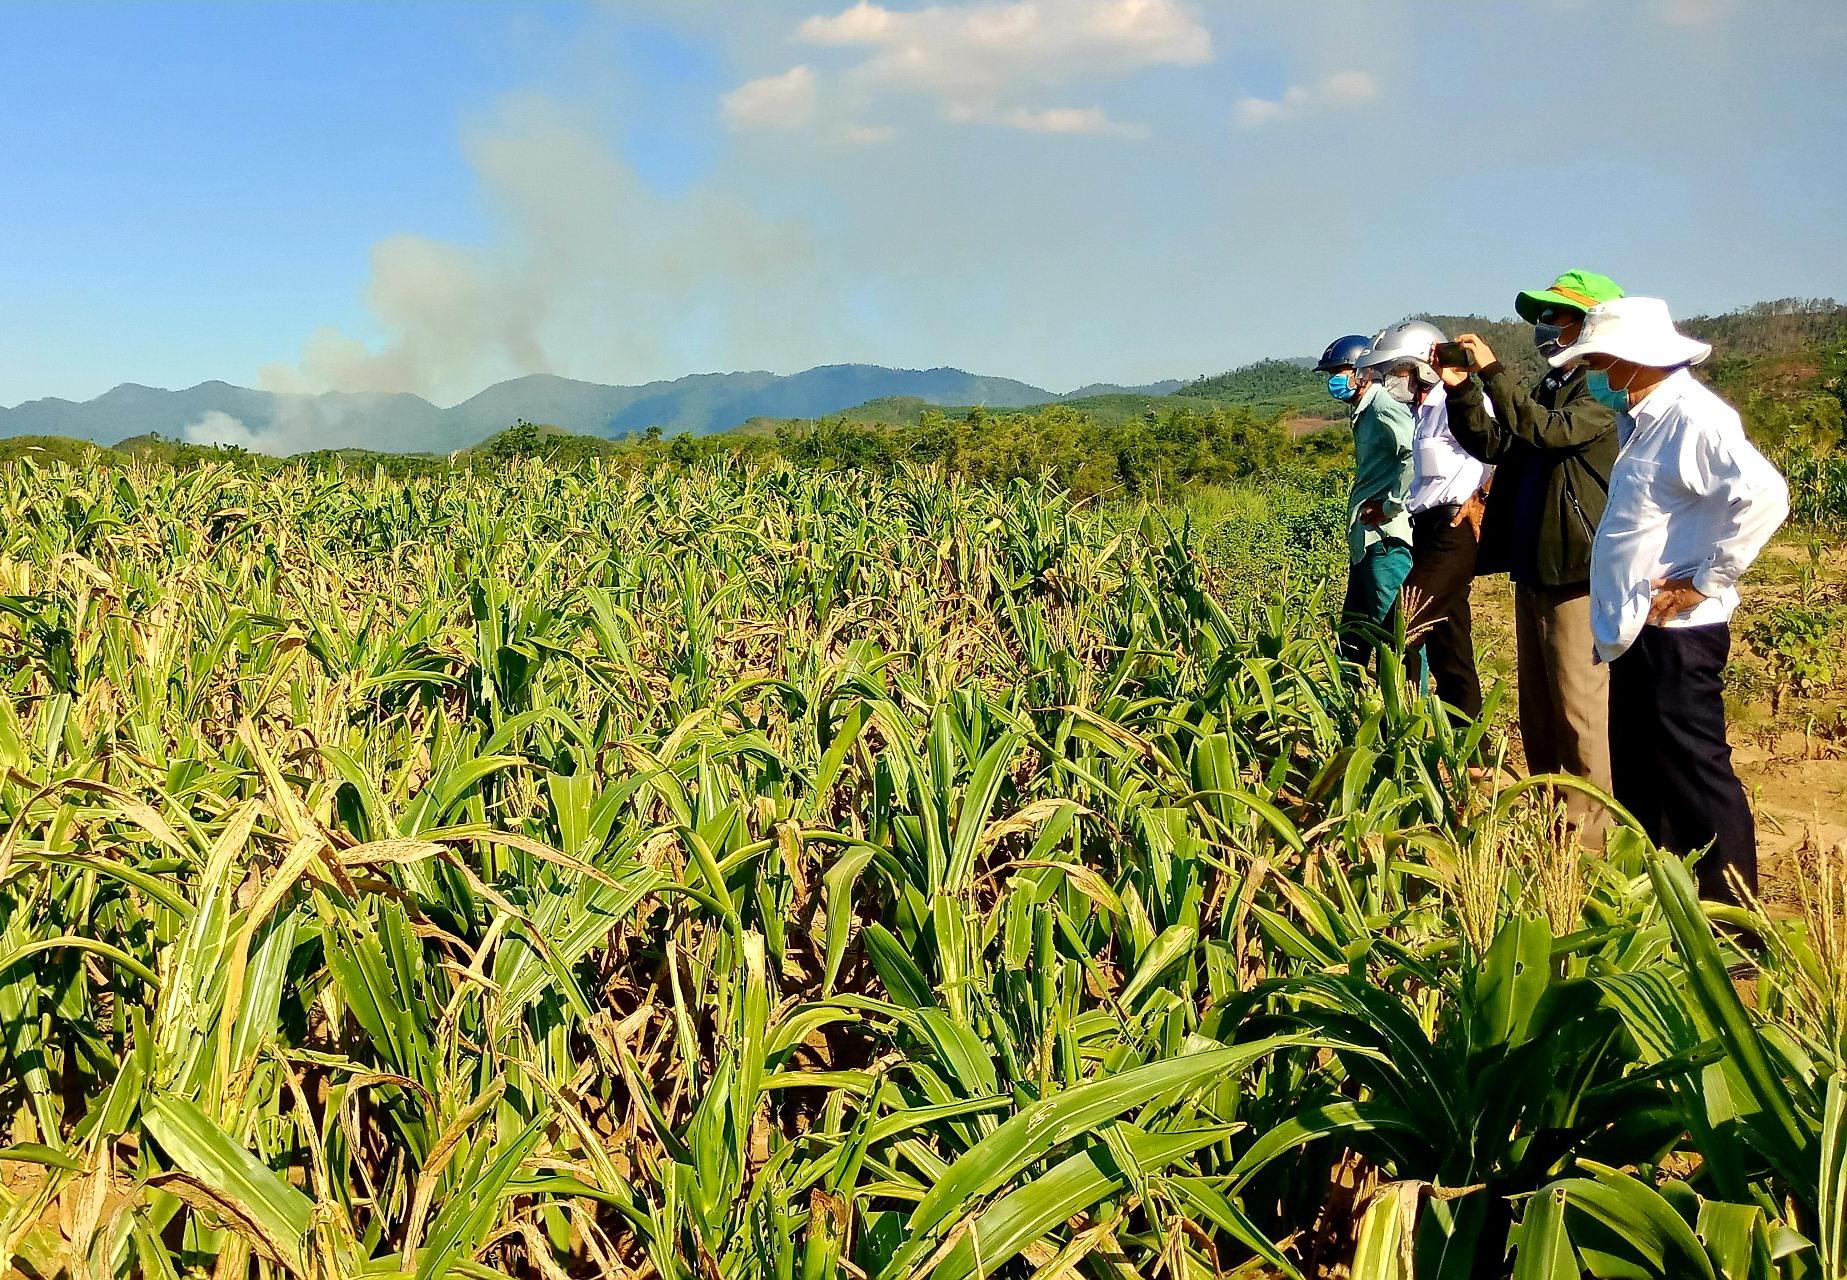 Ngành nông nghiệp tỉnh và huyện Nông Sơn kiểm tra thực tế tình hình khô hạn. Ảnh: N.S